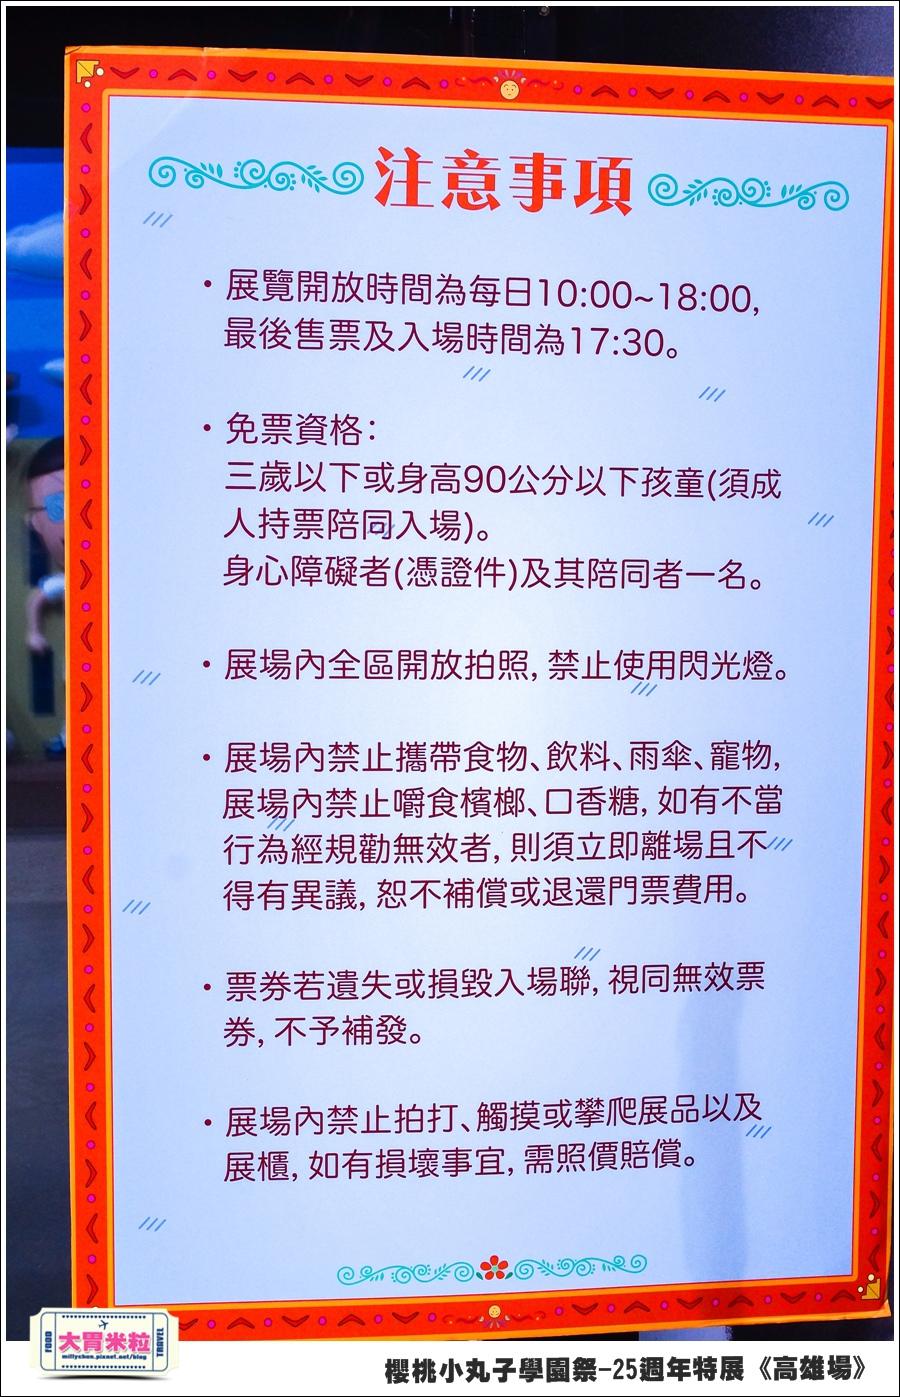 櫻桃小丸子學園祭-25週年特展(高雄場)@大胃米粒0011.jpg